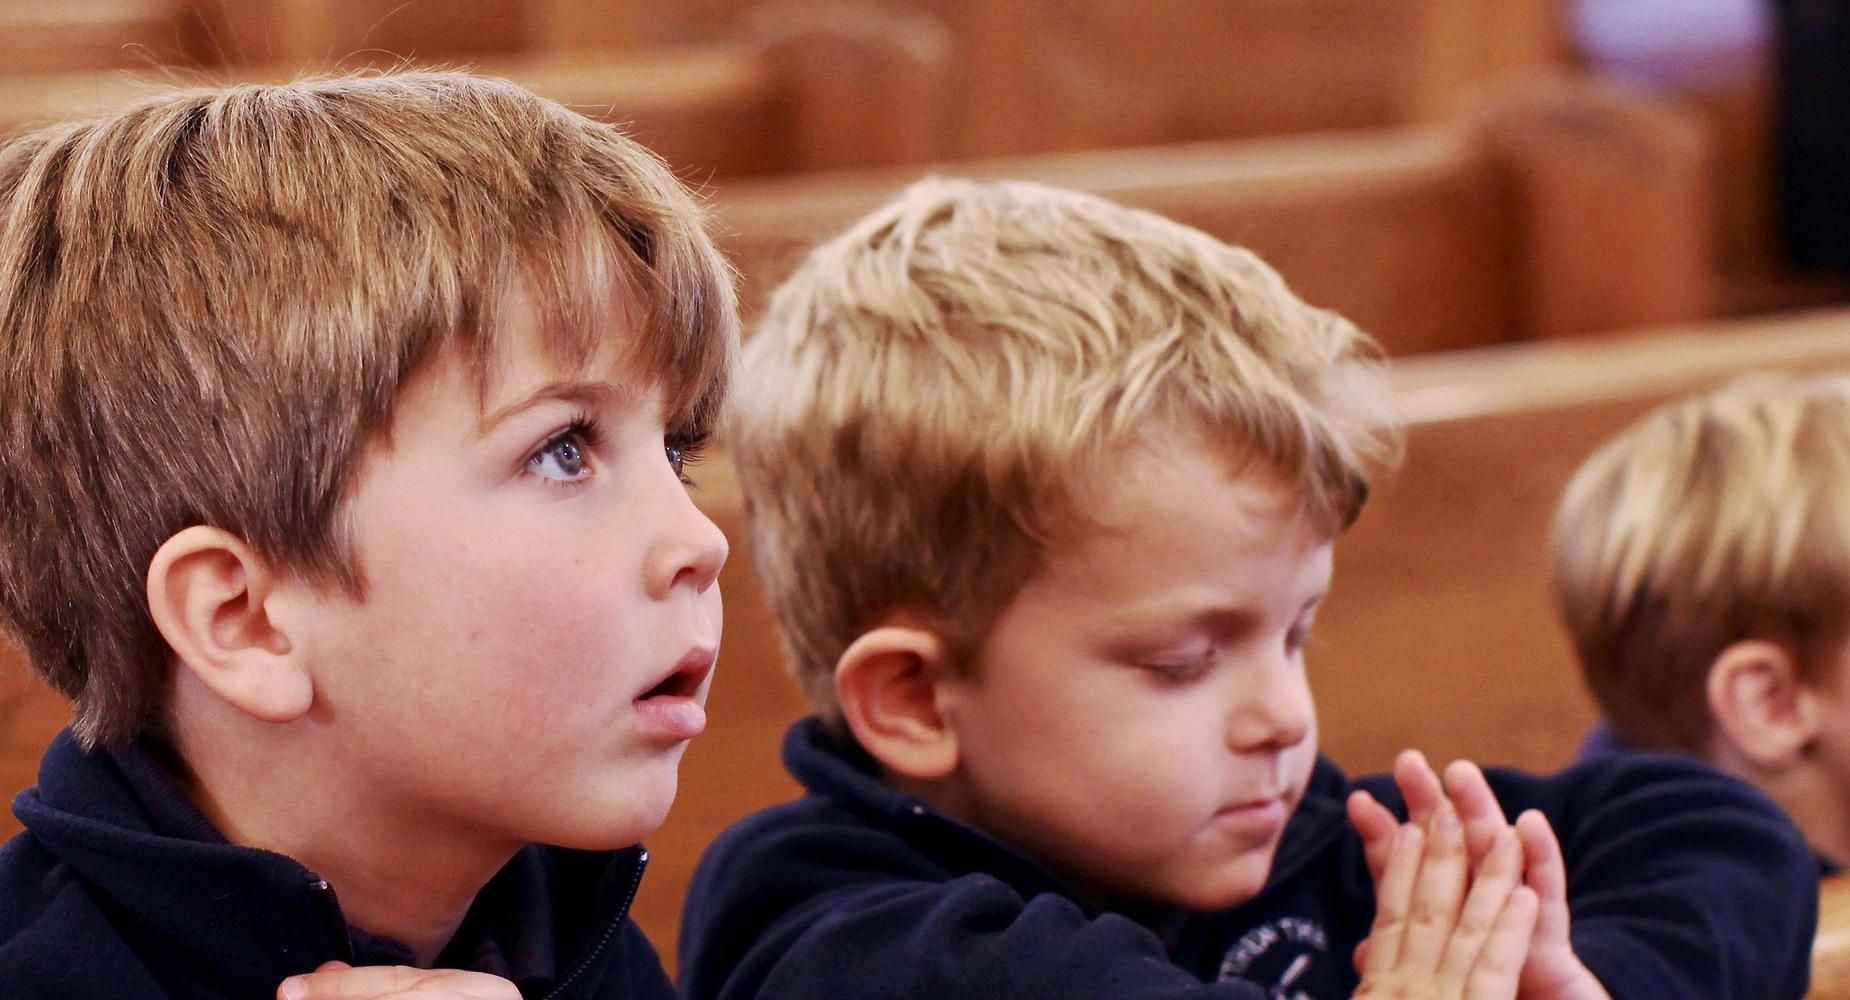 Kids praying